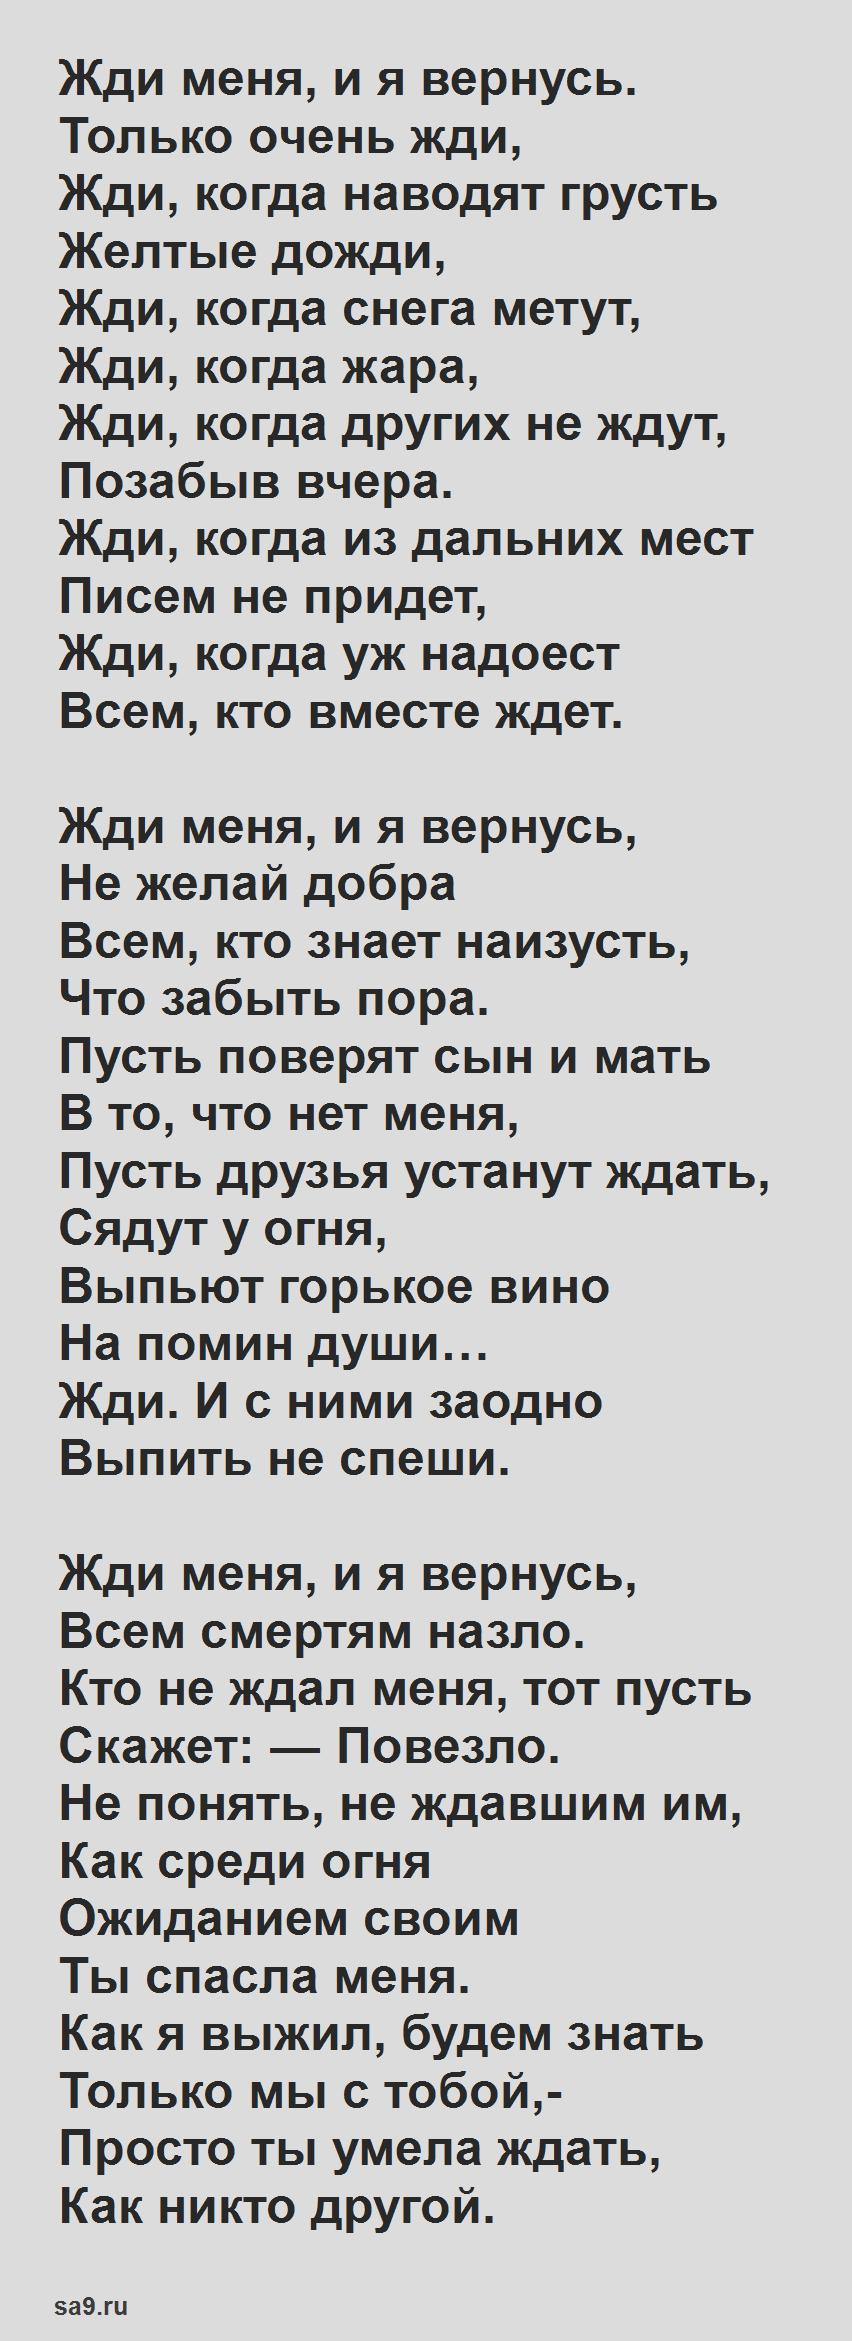 Стих Симонова - Жди меня и я вернусь